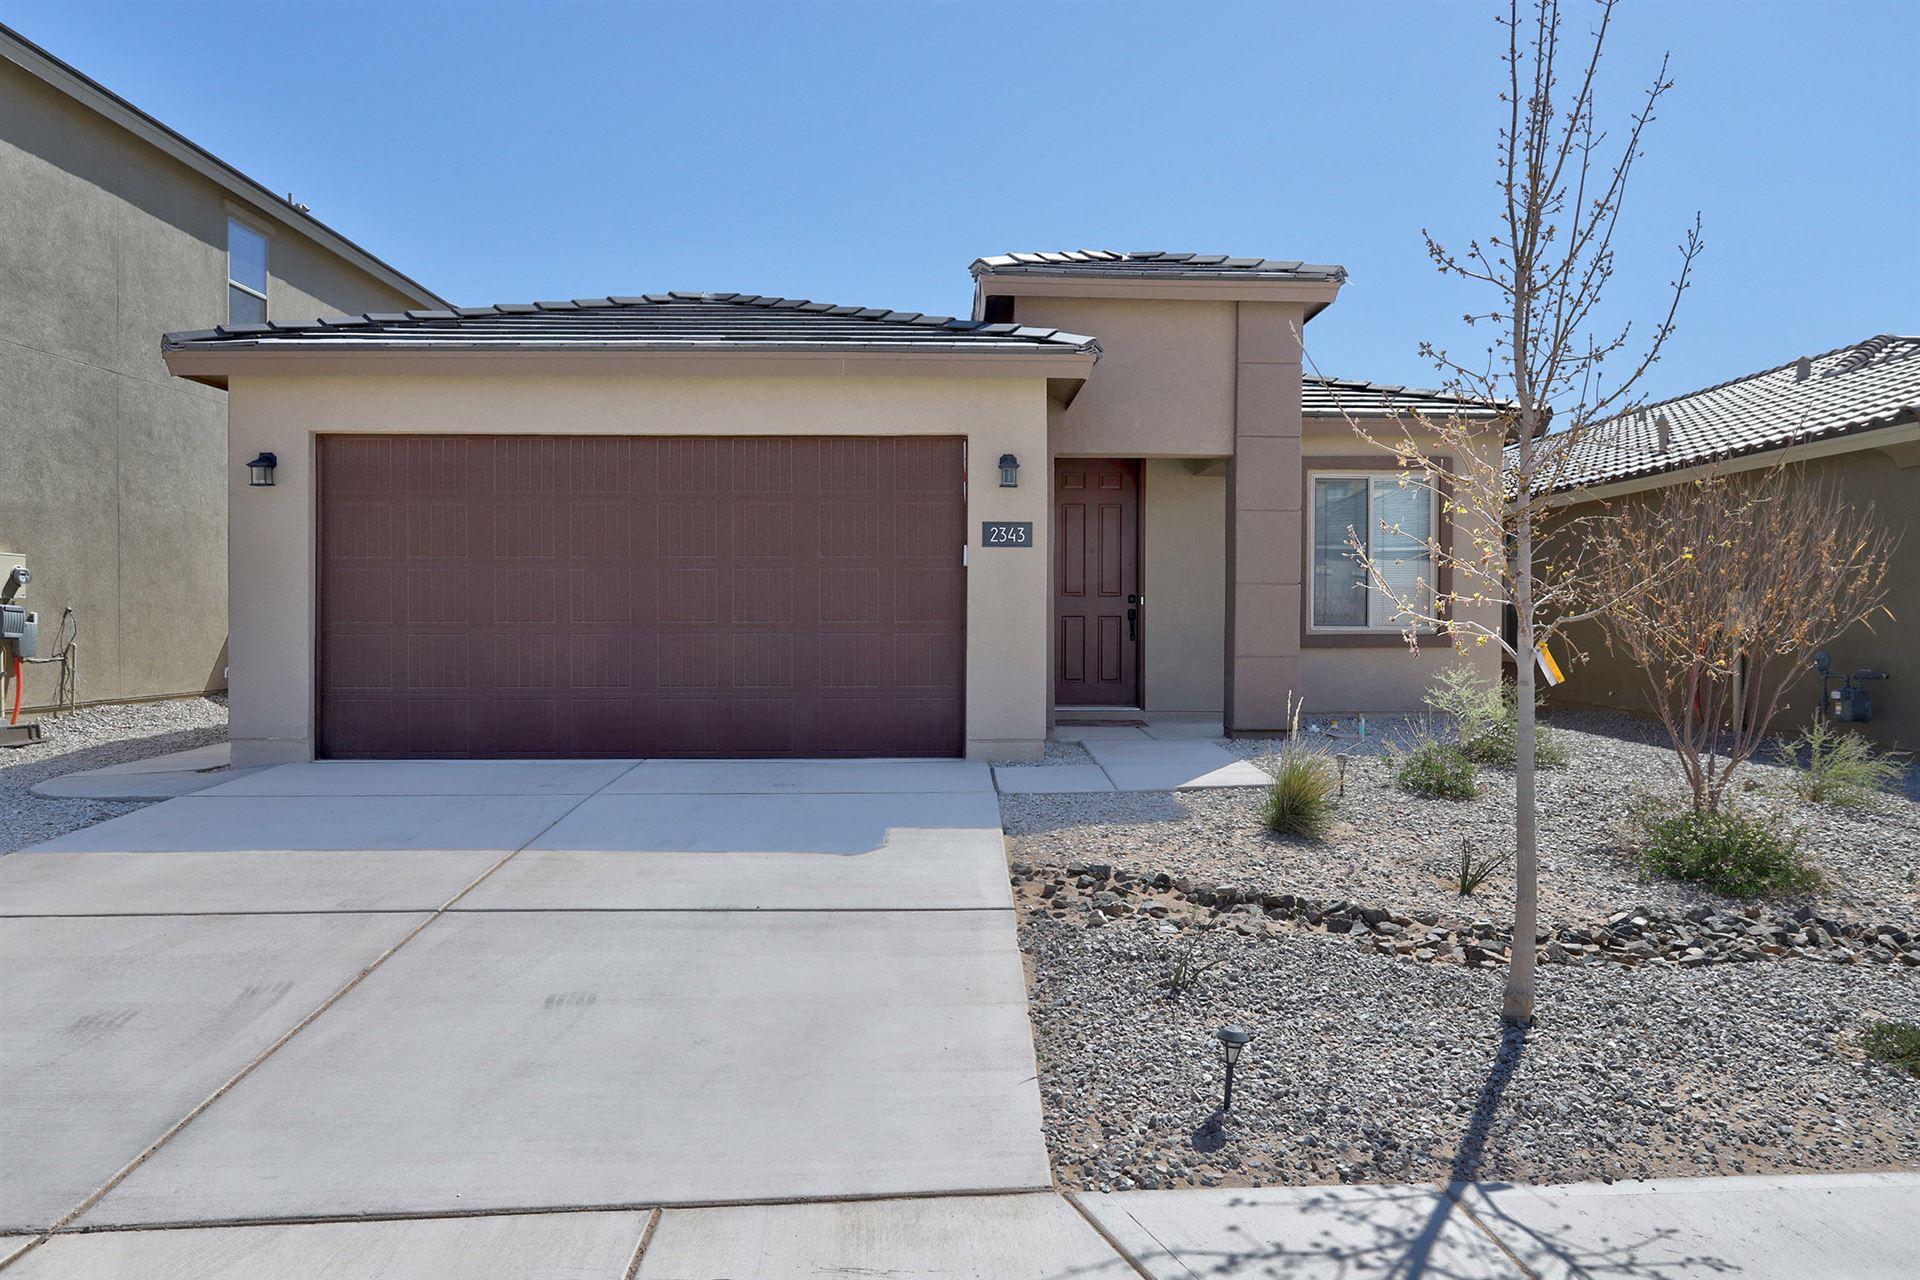 Photo of 2343 QUINN Street NE, Rio Rancho, NM 87144 (MLS # 989614)